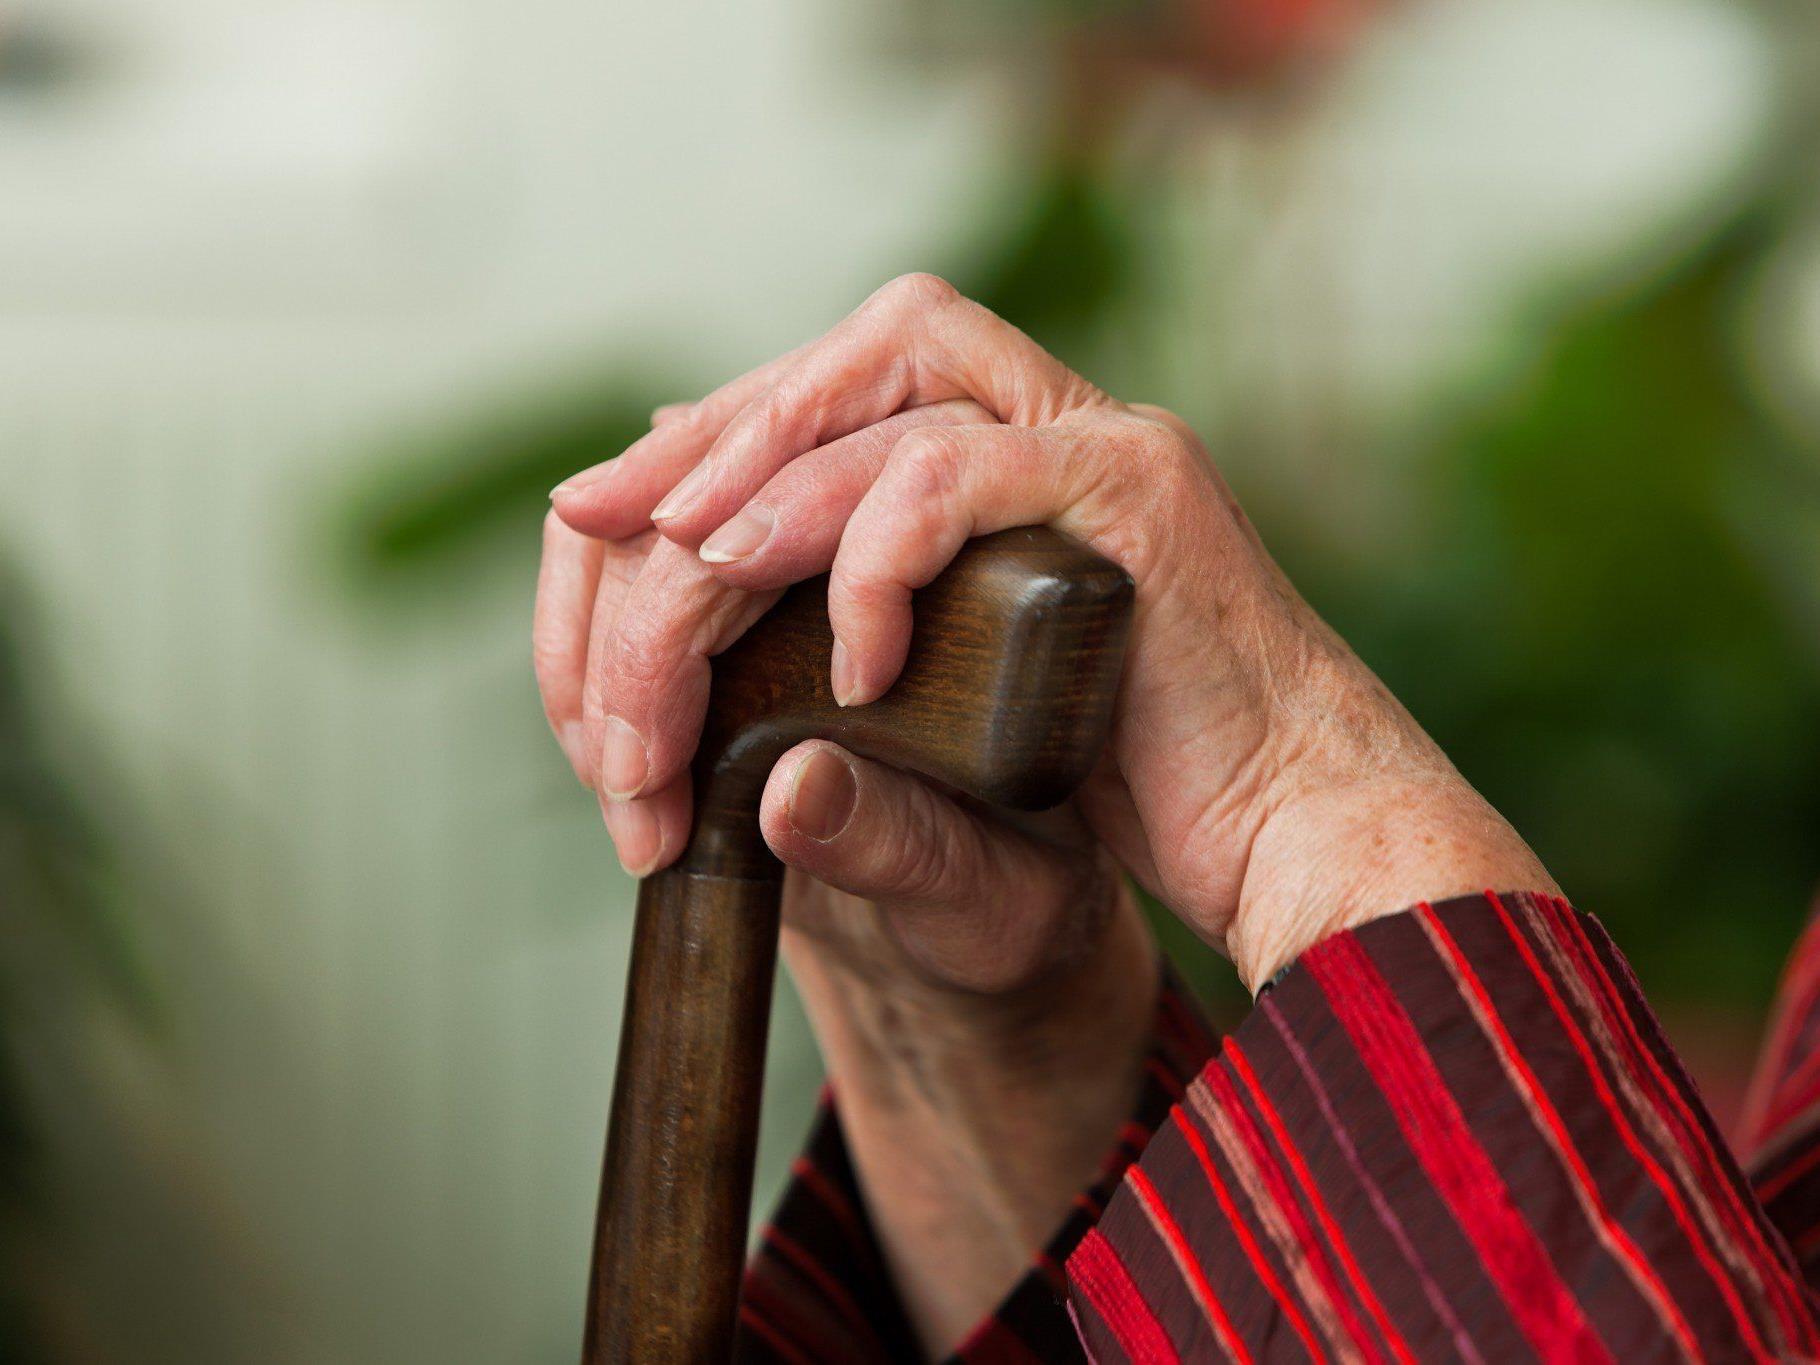 Plattform für Interdisziplinäre Alternsfragen: Enorme sozial- und gesundheitspolitische Bedeutung.